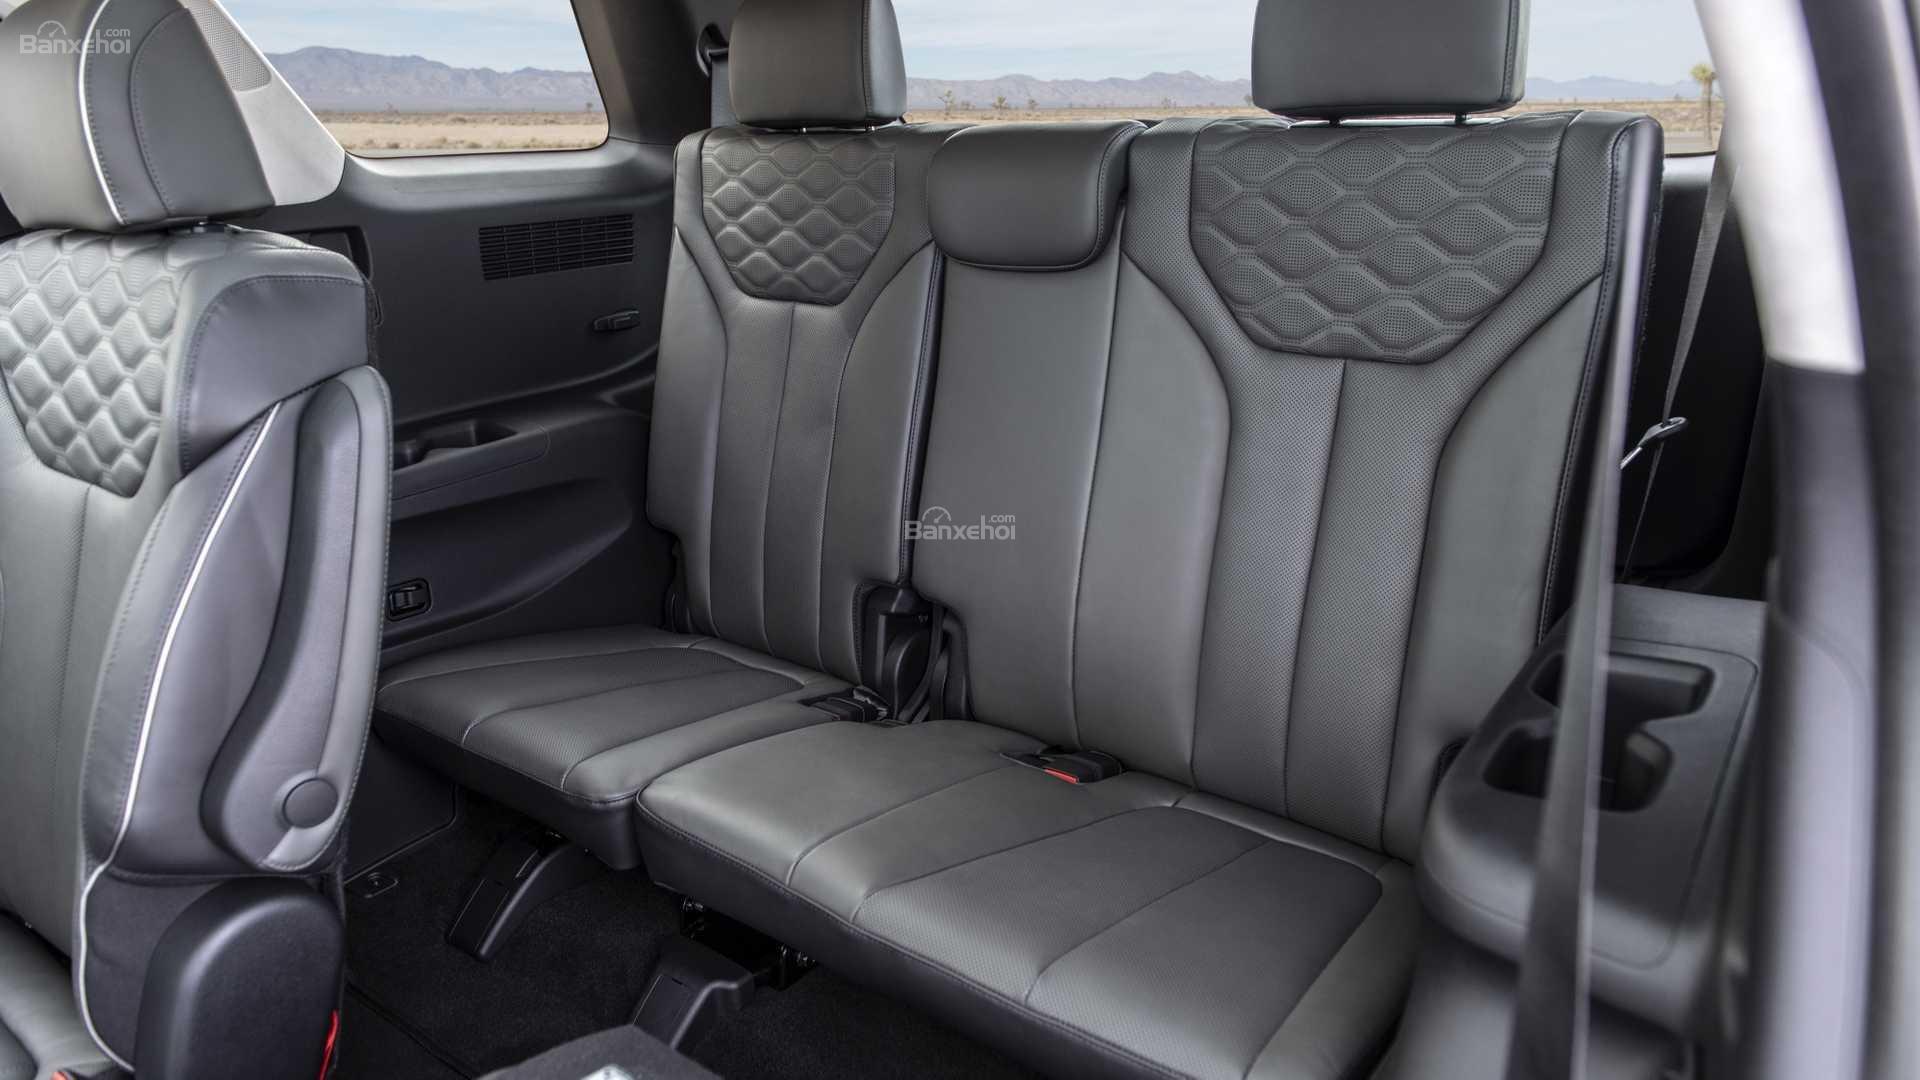 Đánh giá xe Hyundai Palisade 2020 về hệ thống ghế ngồi.